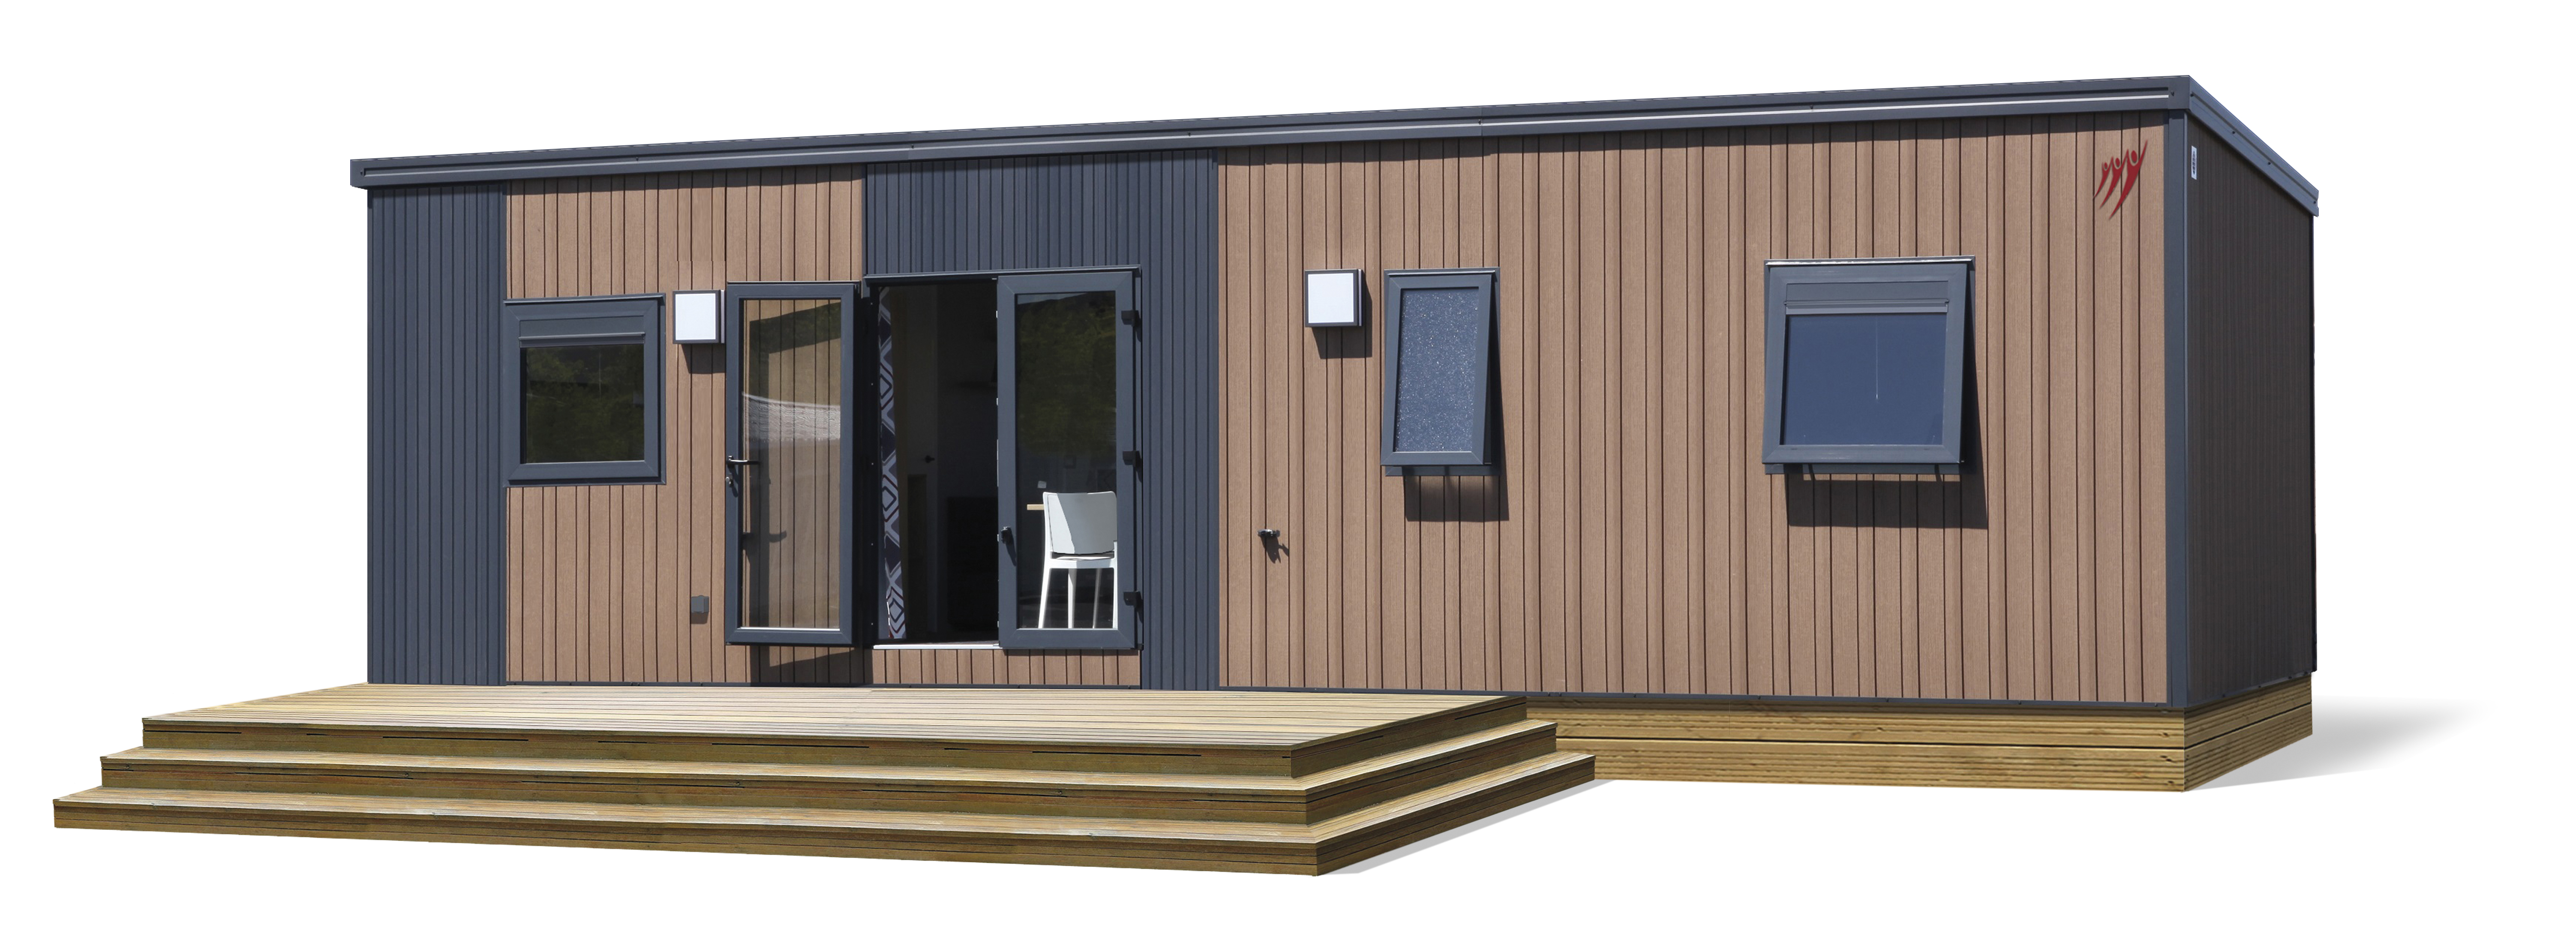 Location - Cottage Terrasses Du Causse - 3 Chambres - 2 Salles De Bain - Camping Sites et Paysages Le Ventoulou